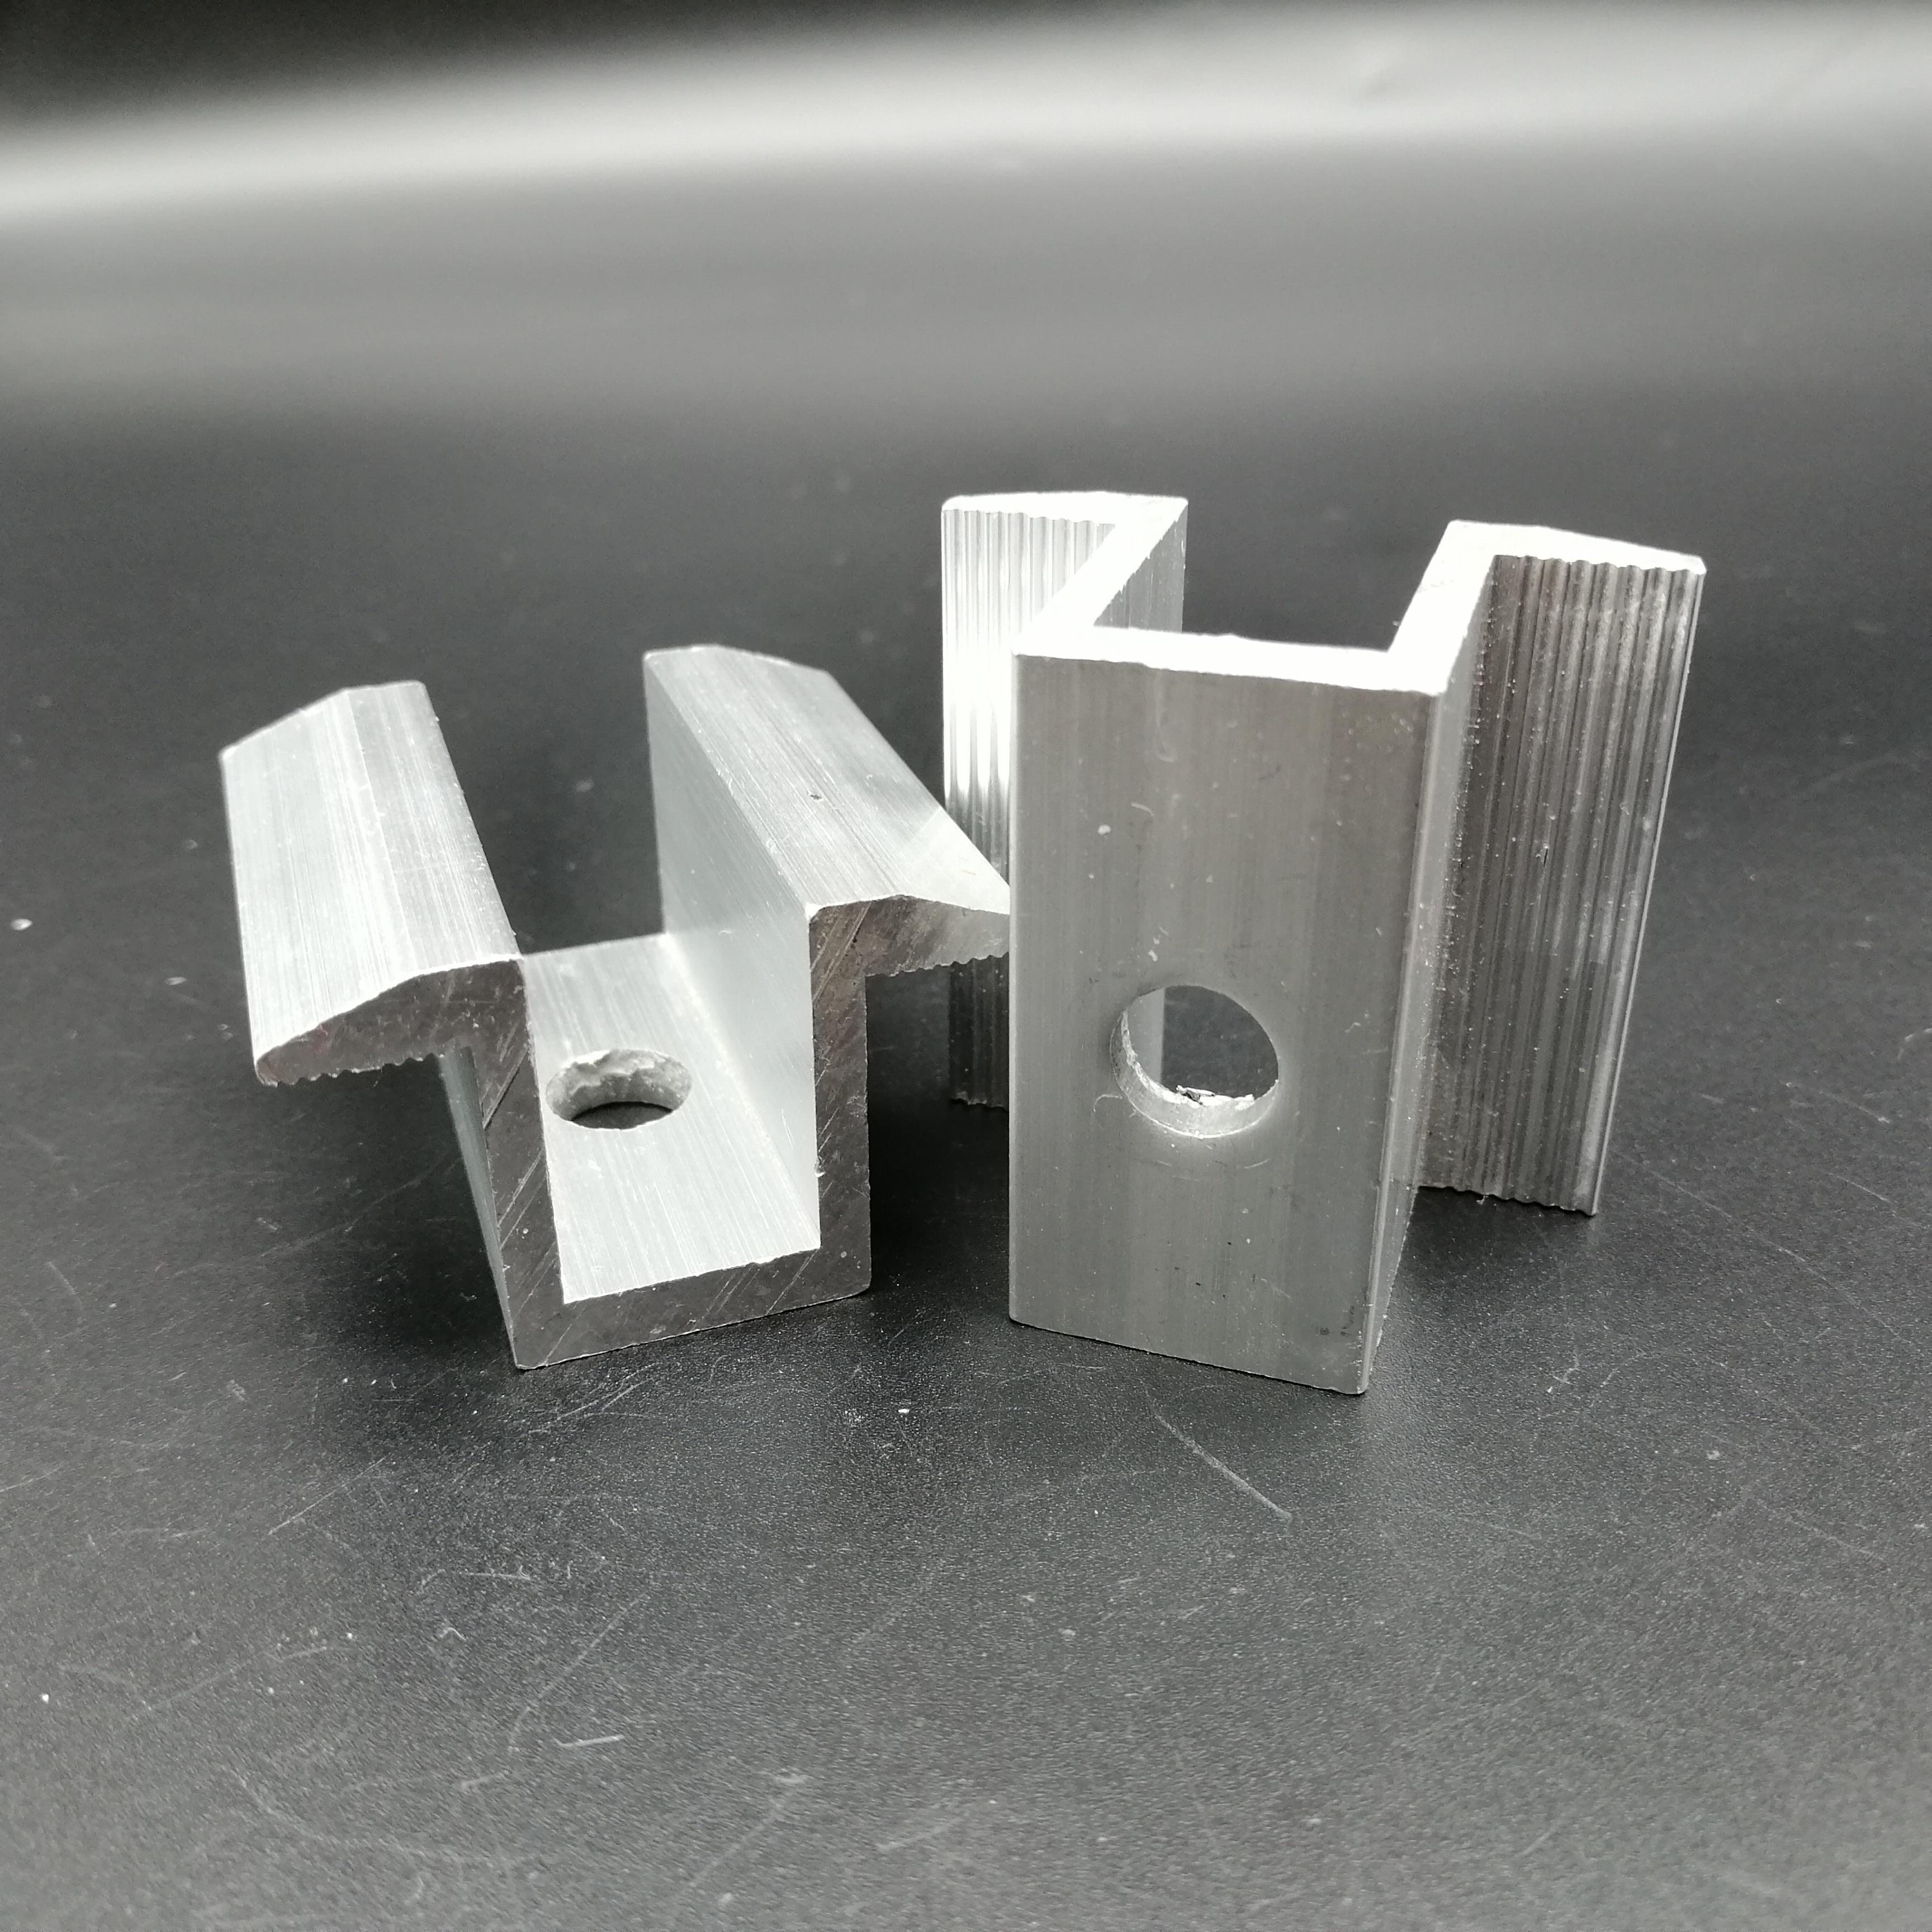 电池板铝合金压块(中压块/边压块太阳能支架生产厂家